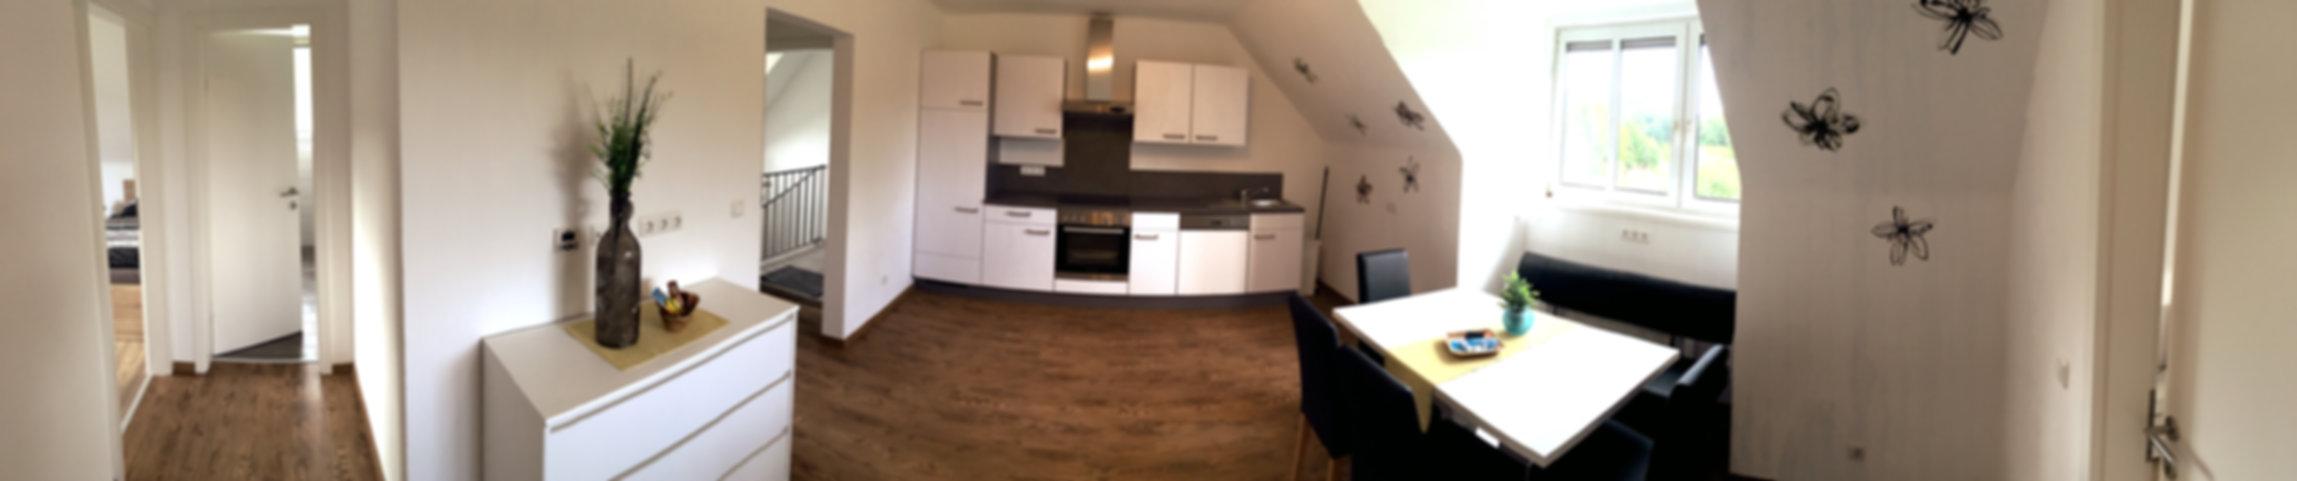 Ampflwang Apartments Ferienwohnungen Zimmer Hotel Übernachten Hostel Hausruckpark Pension